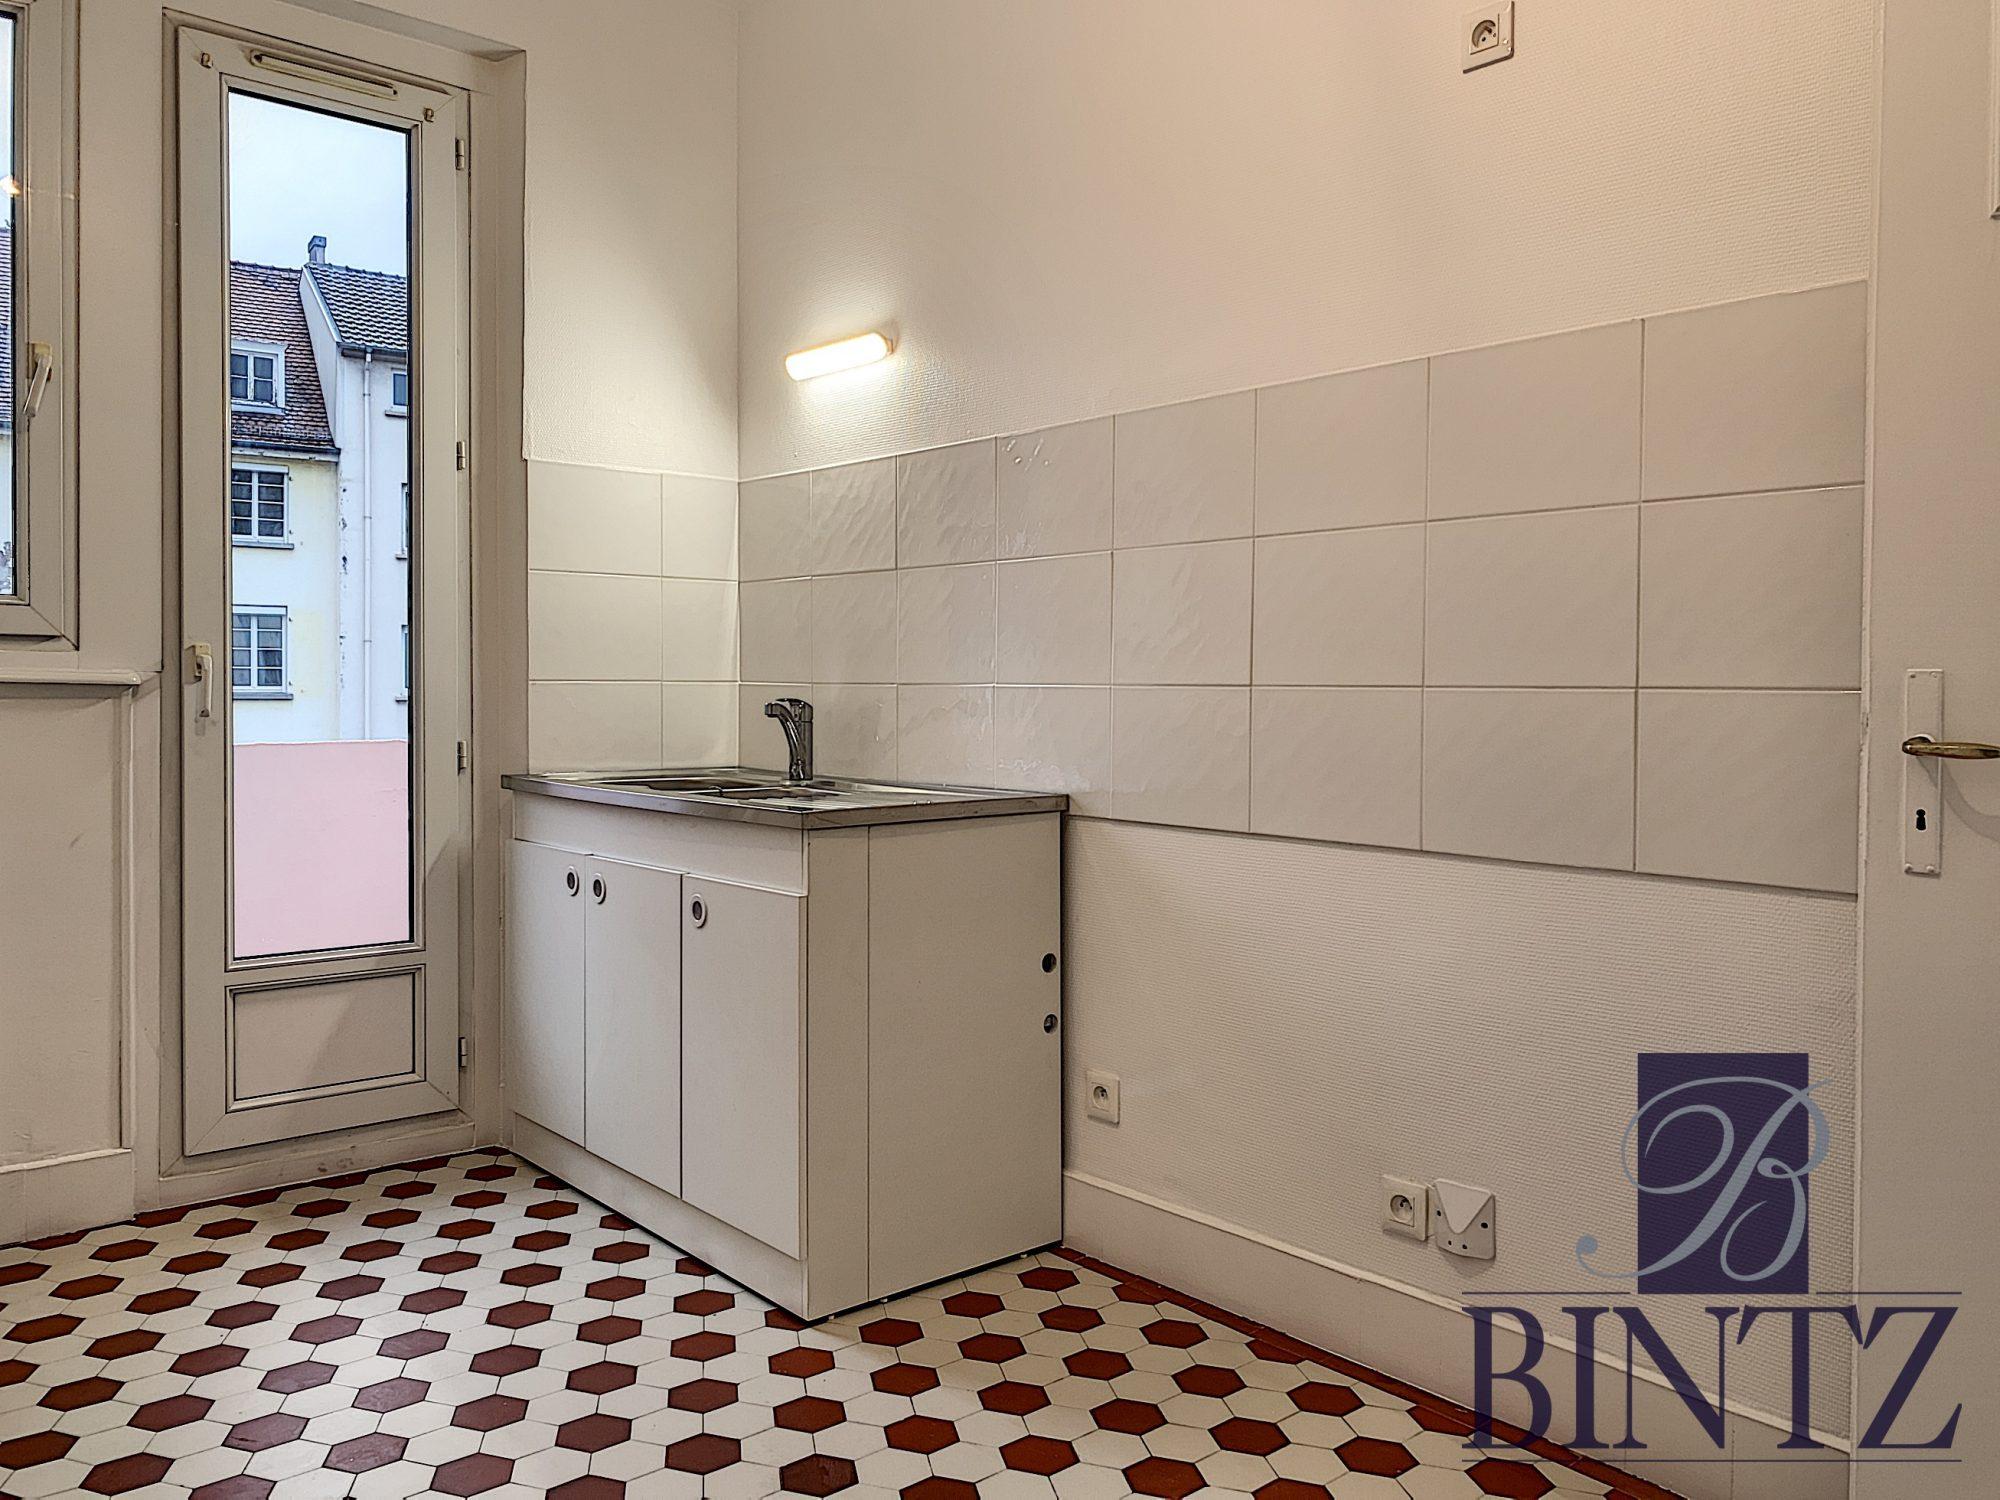 Krutenau – 2 pièces entièrement rénové - Devenez locataire en toute sérénité - Bintz Immobilier - 4